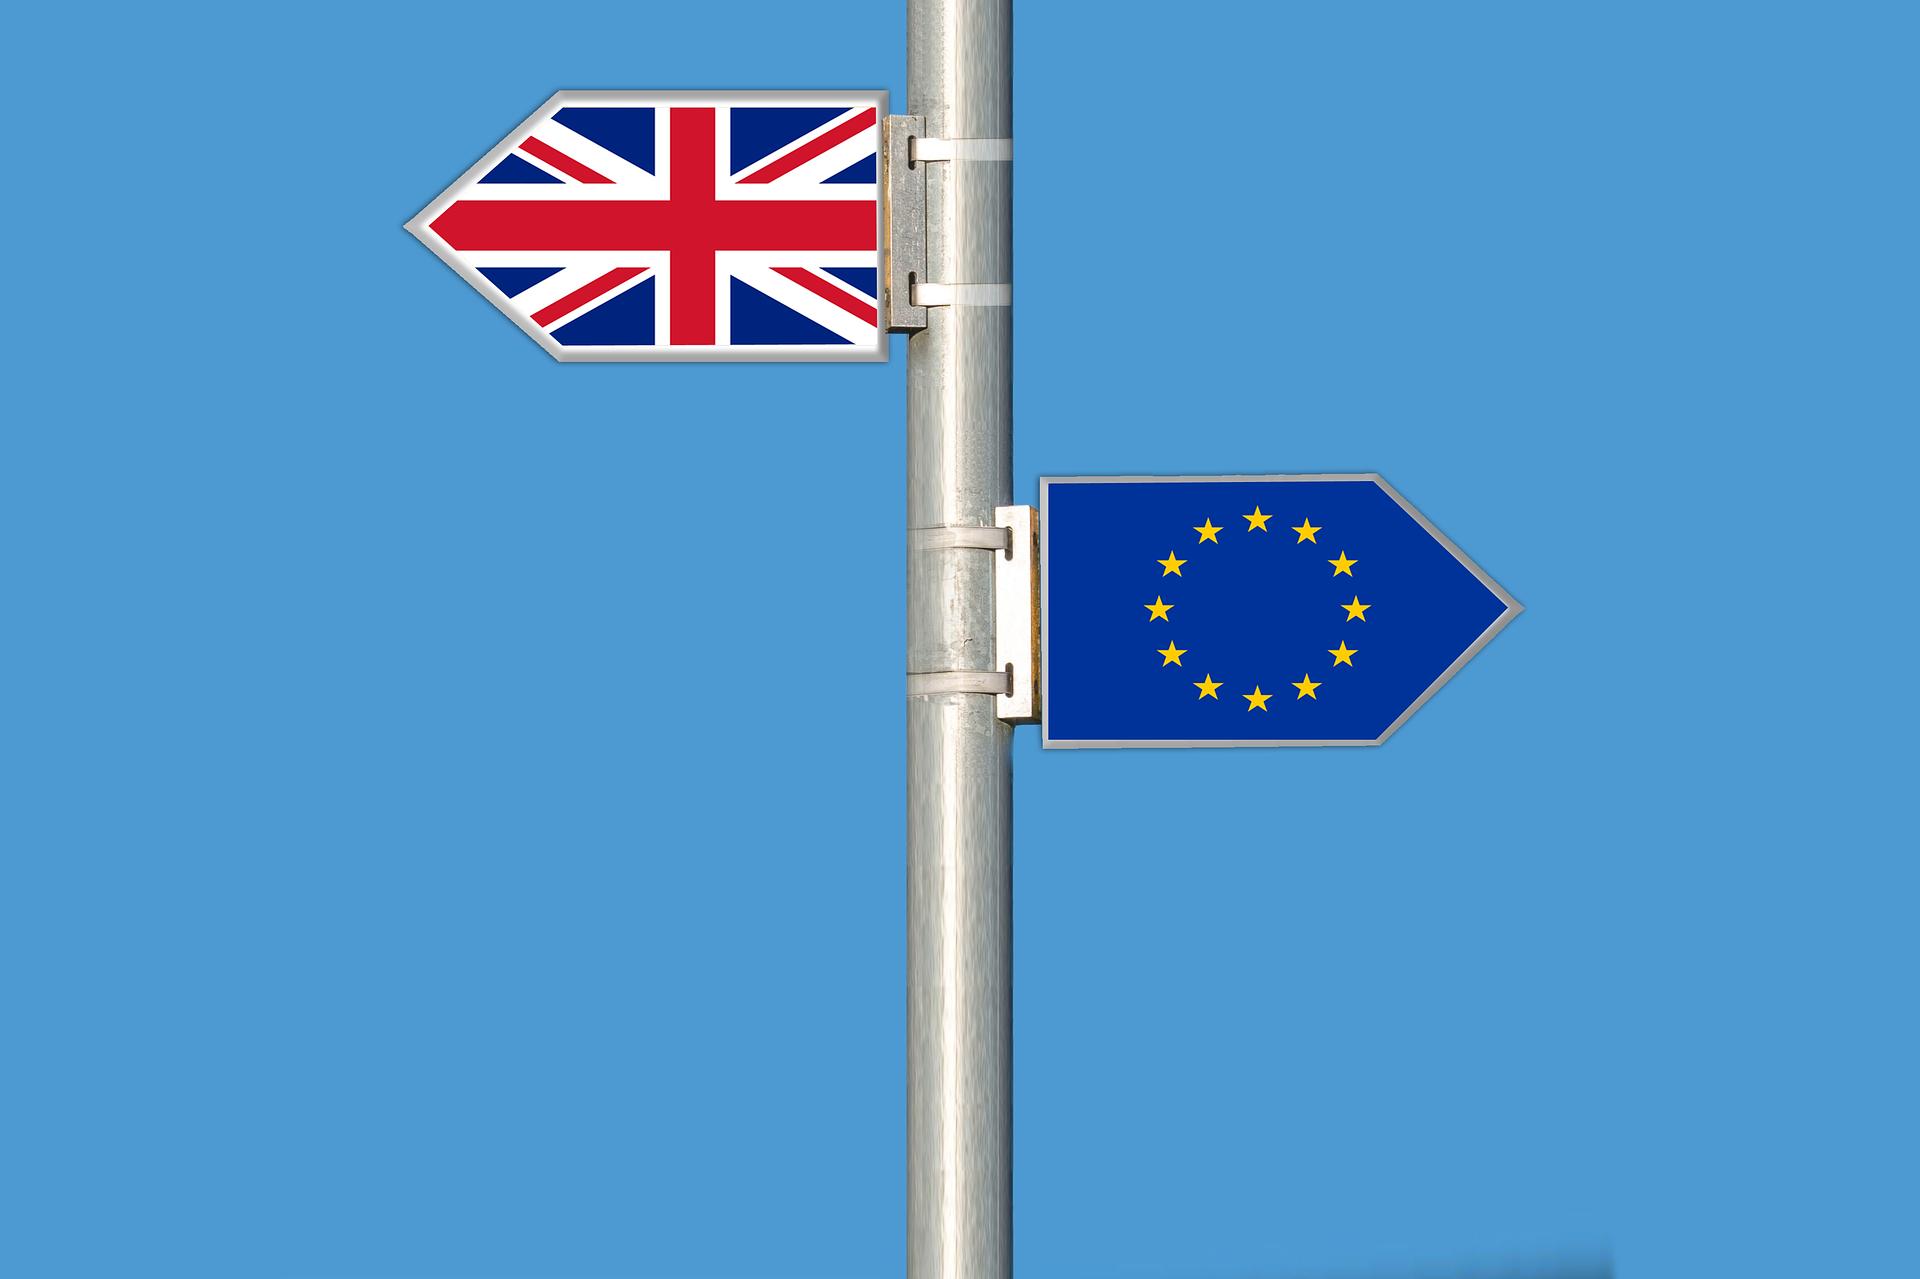 Brexit Photo